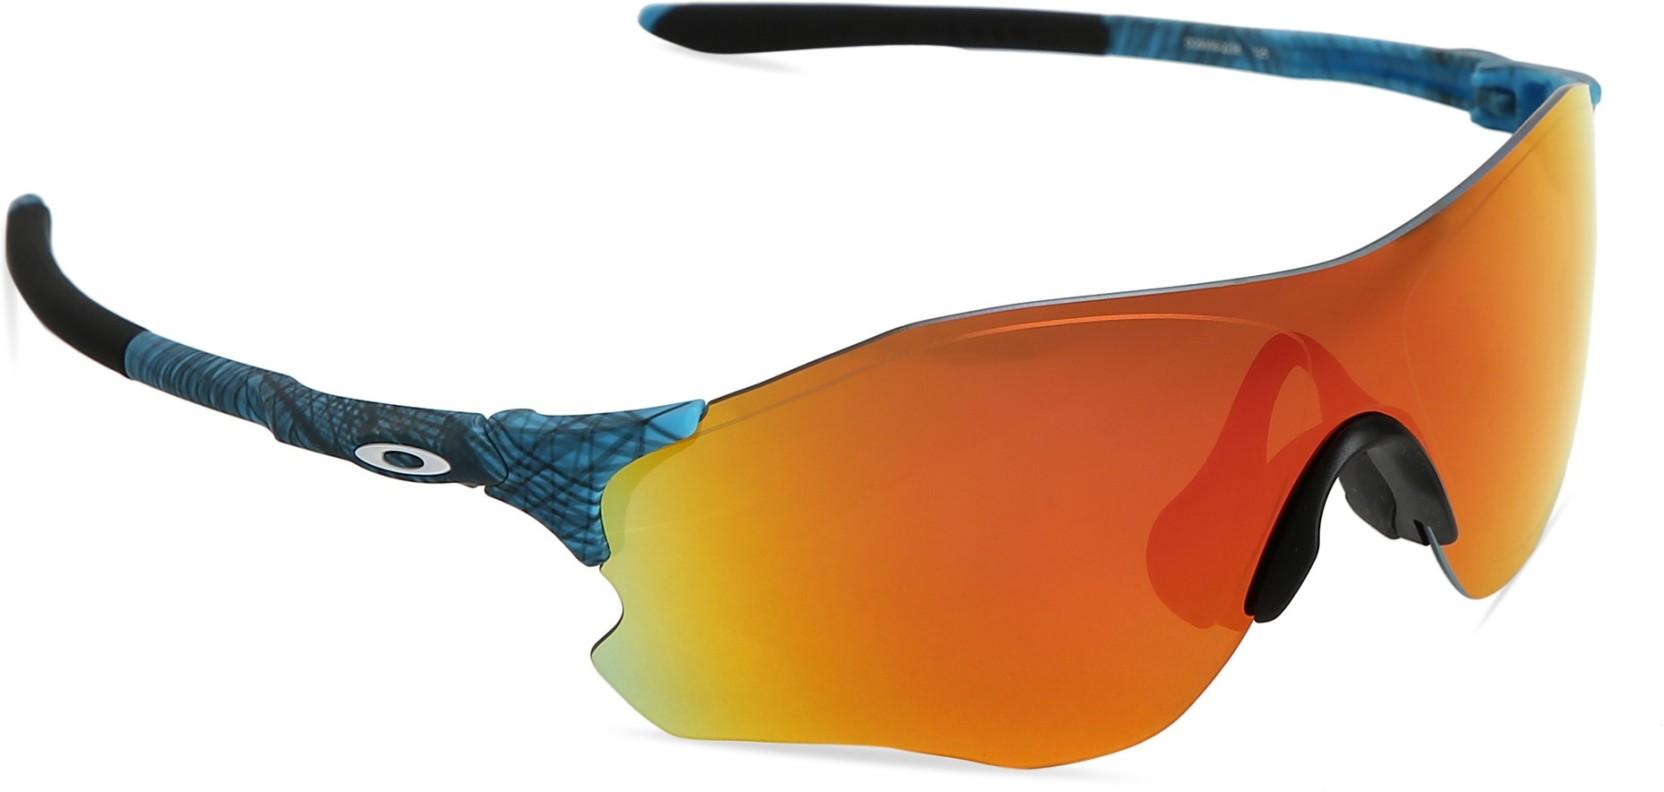 02f3f60d72 Buy Oakley EVZERO PATH Sports Sunglass Red For Men   Women Online ...